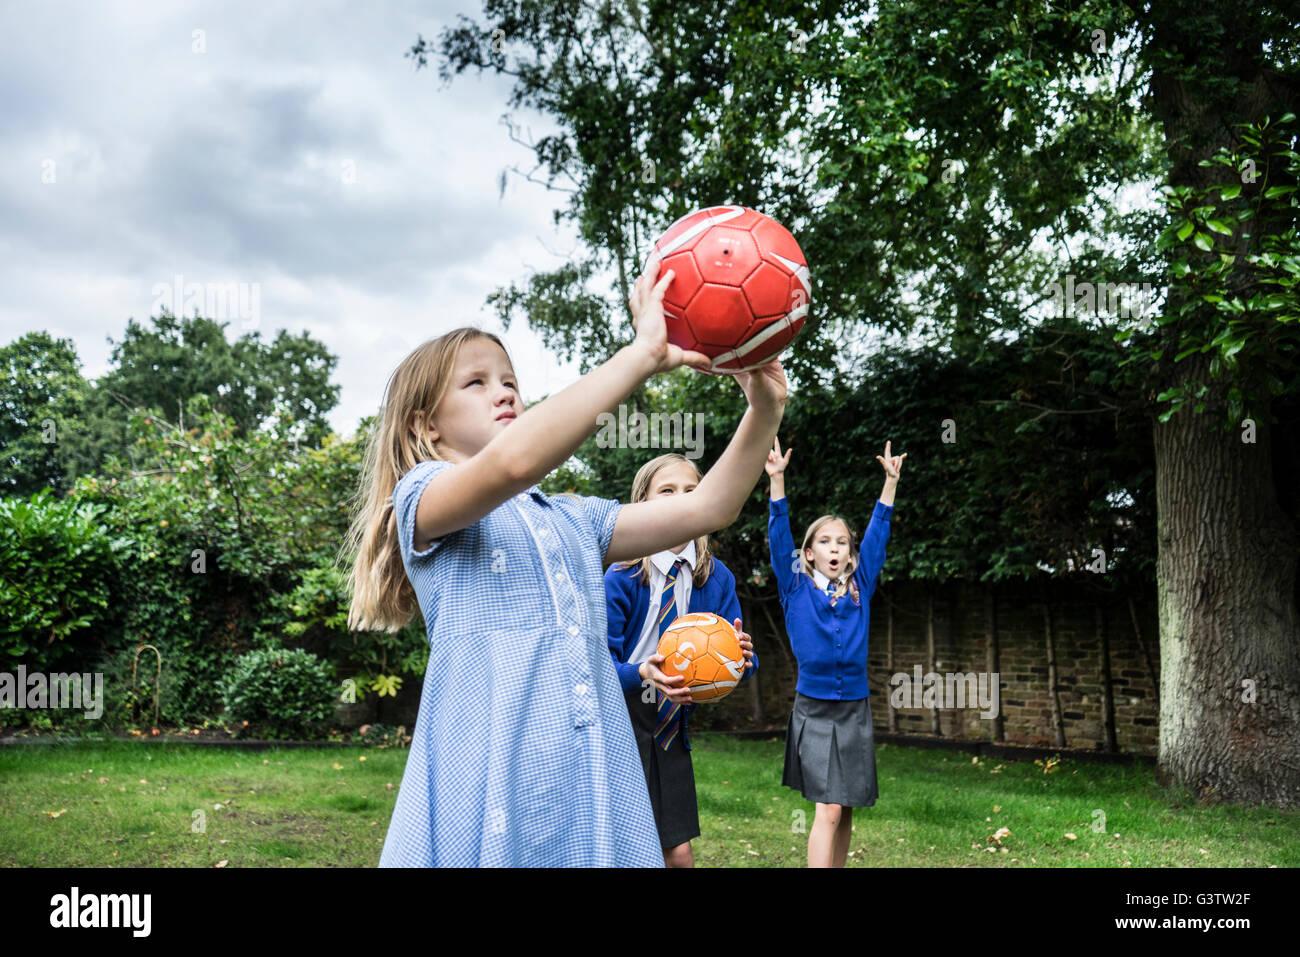 Trois jeunes filles en uniforme d'jouant avec des ballons de l'extérieur. Banque D'Images